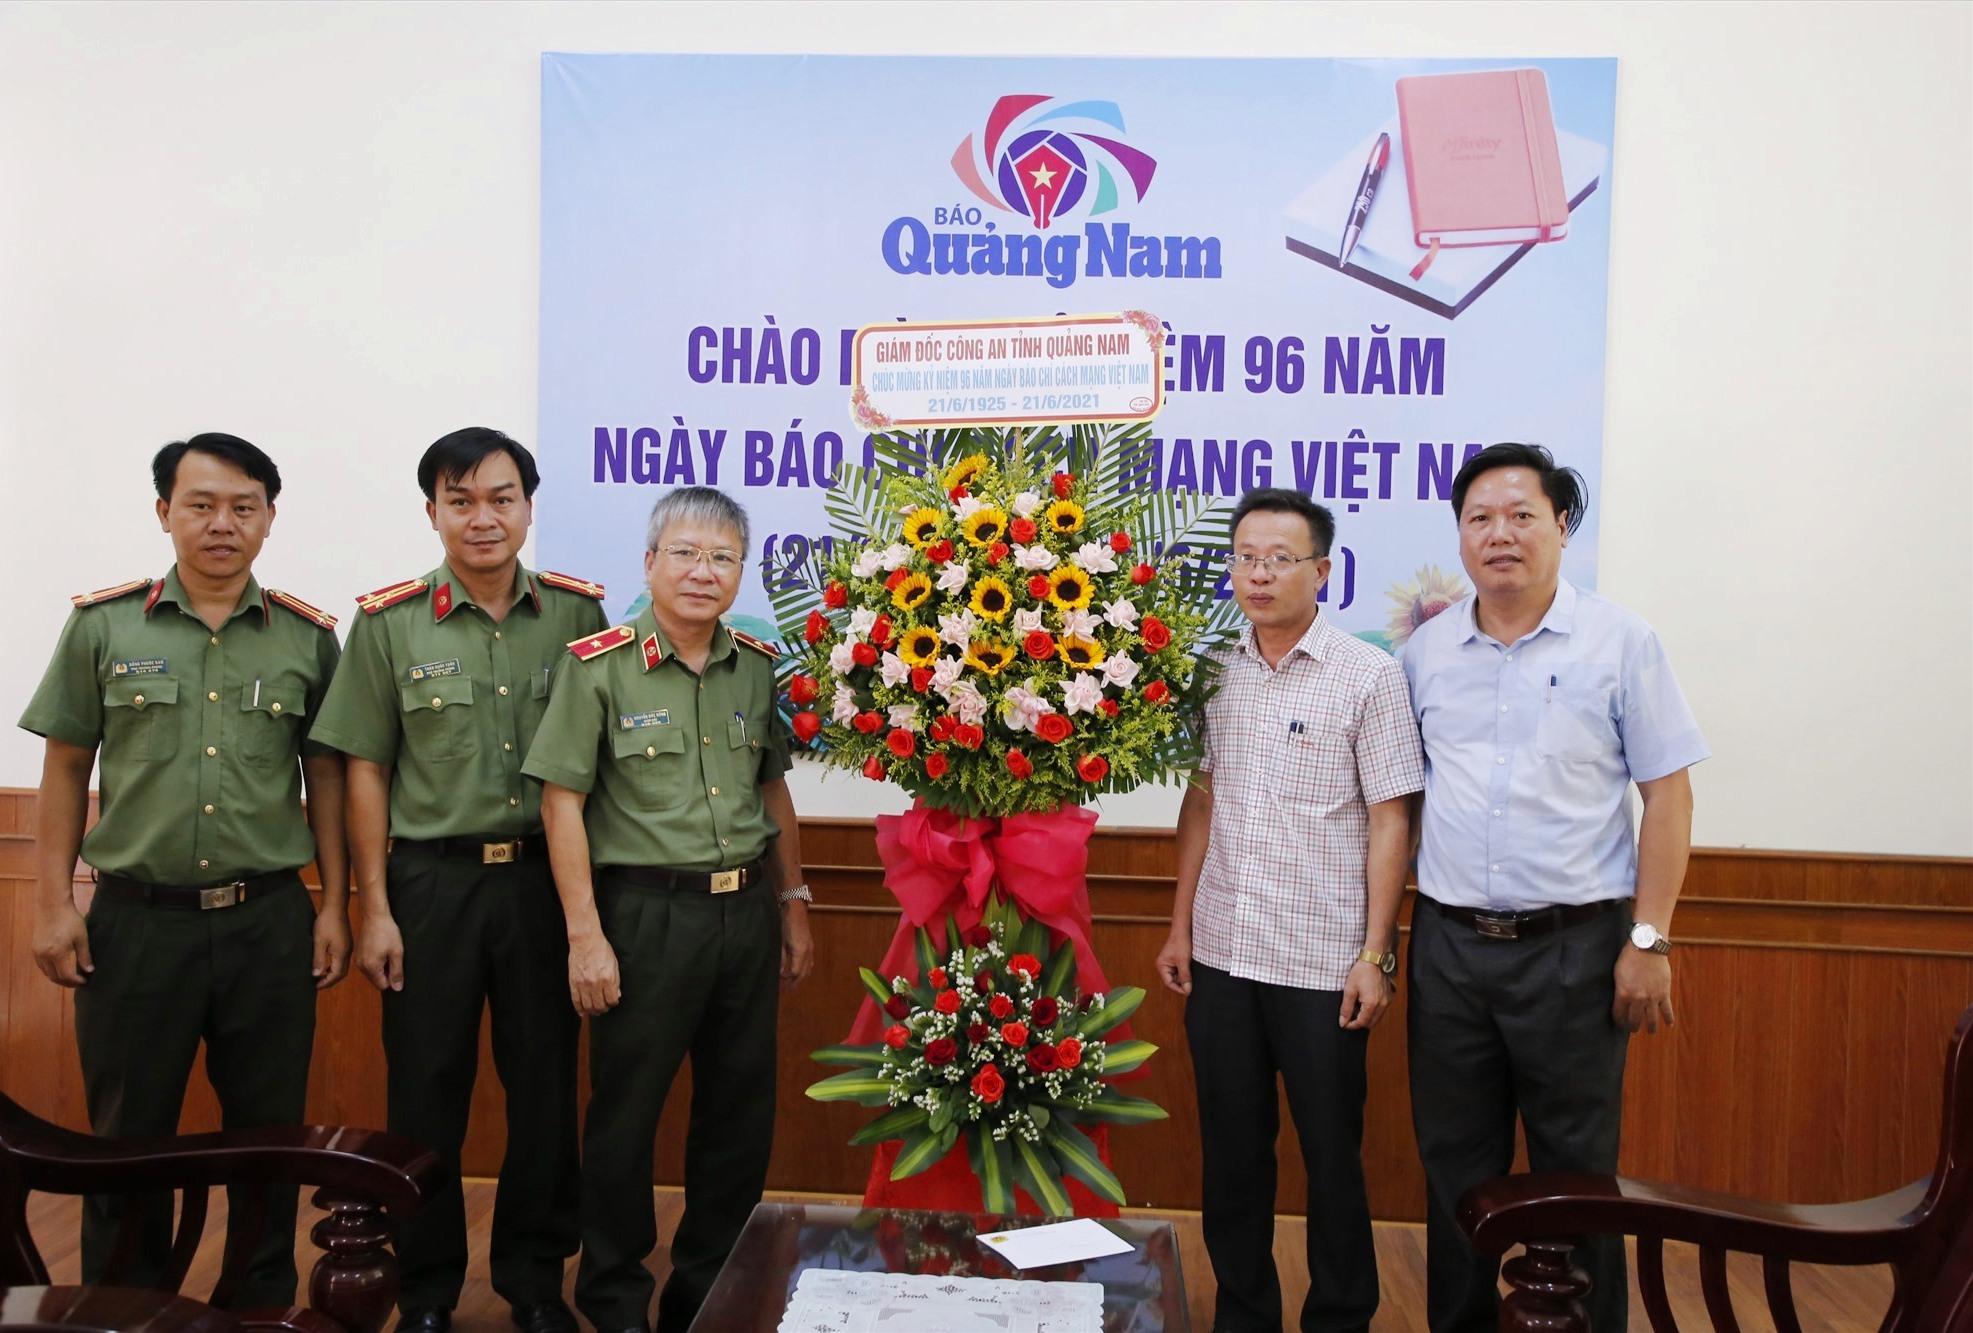 Thiếu tướng Nguyễn Đức Dũng chụp ảnh lưu niệm với lãnh đạo Báo Quảng Nam. Ảnh: T.C